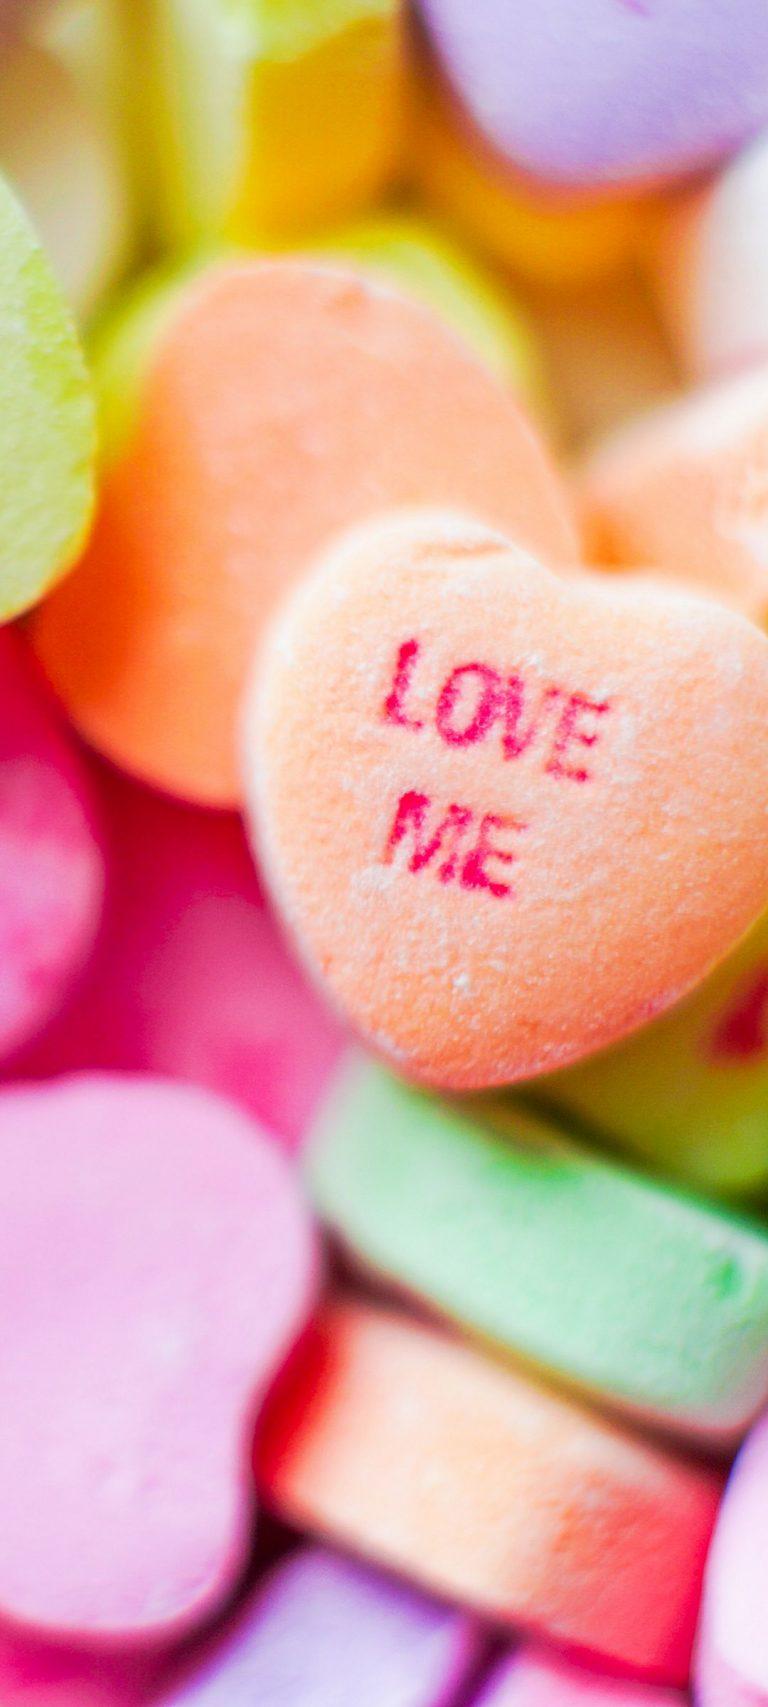 Love Me Candies 1080x2400 768x1707